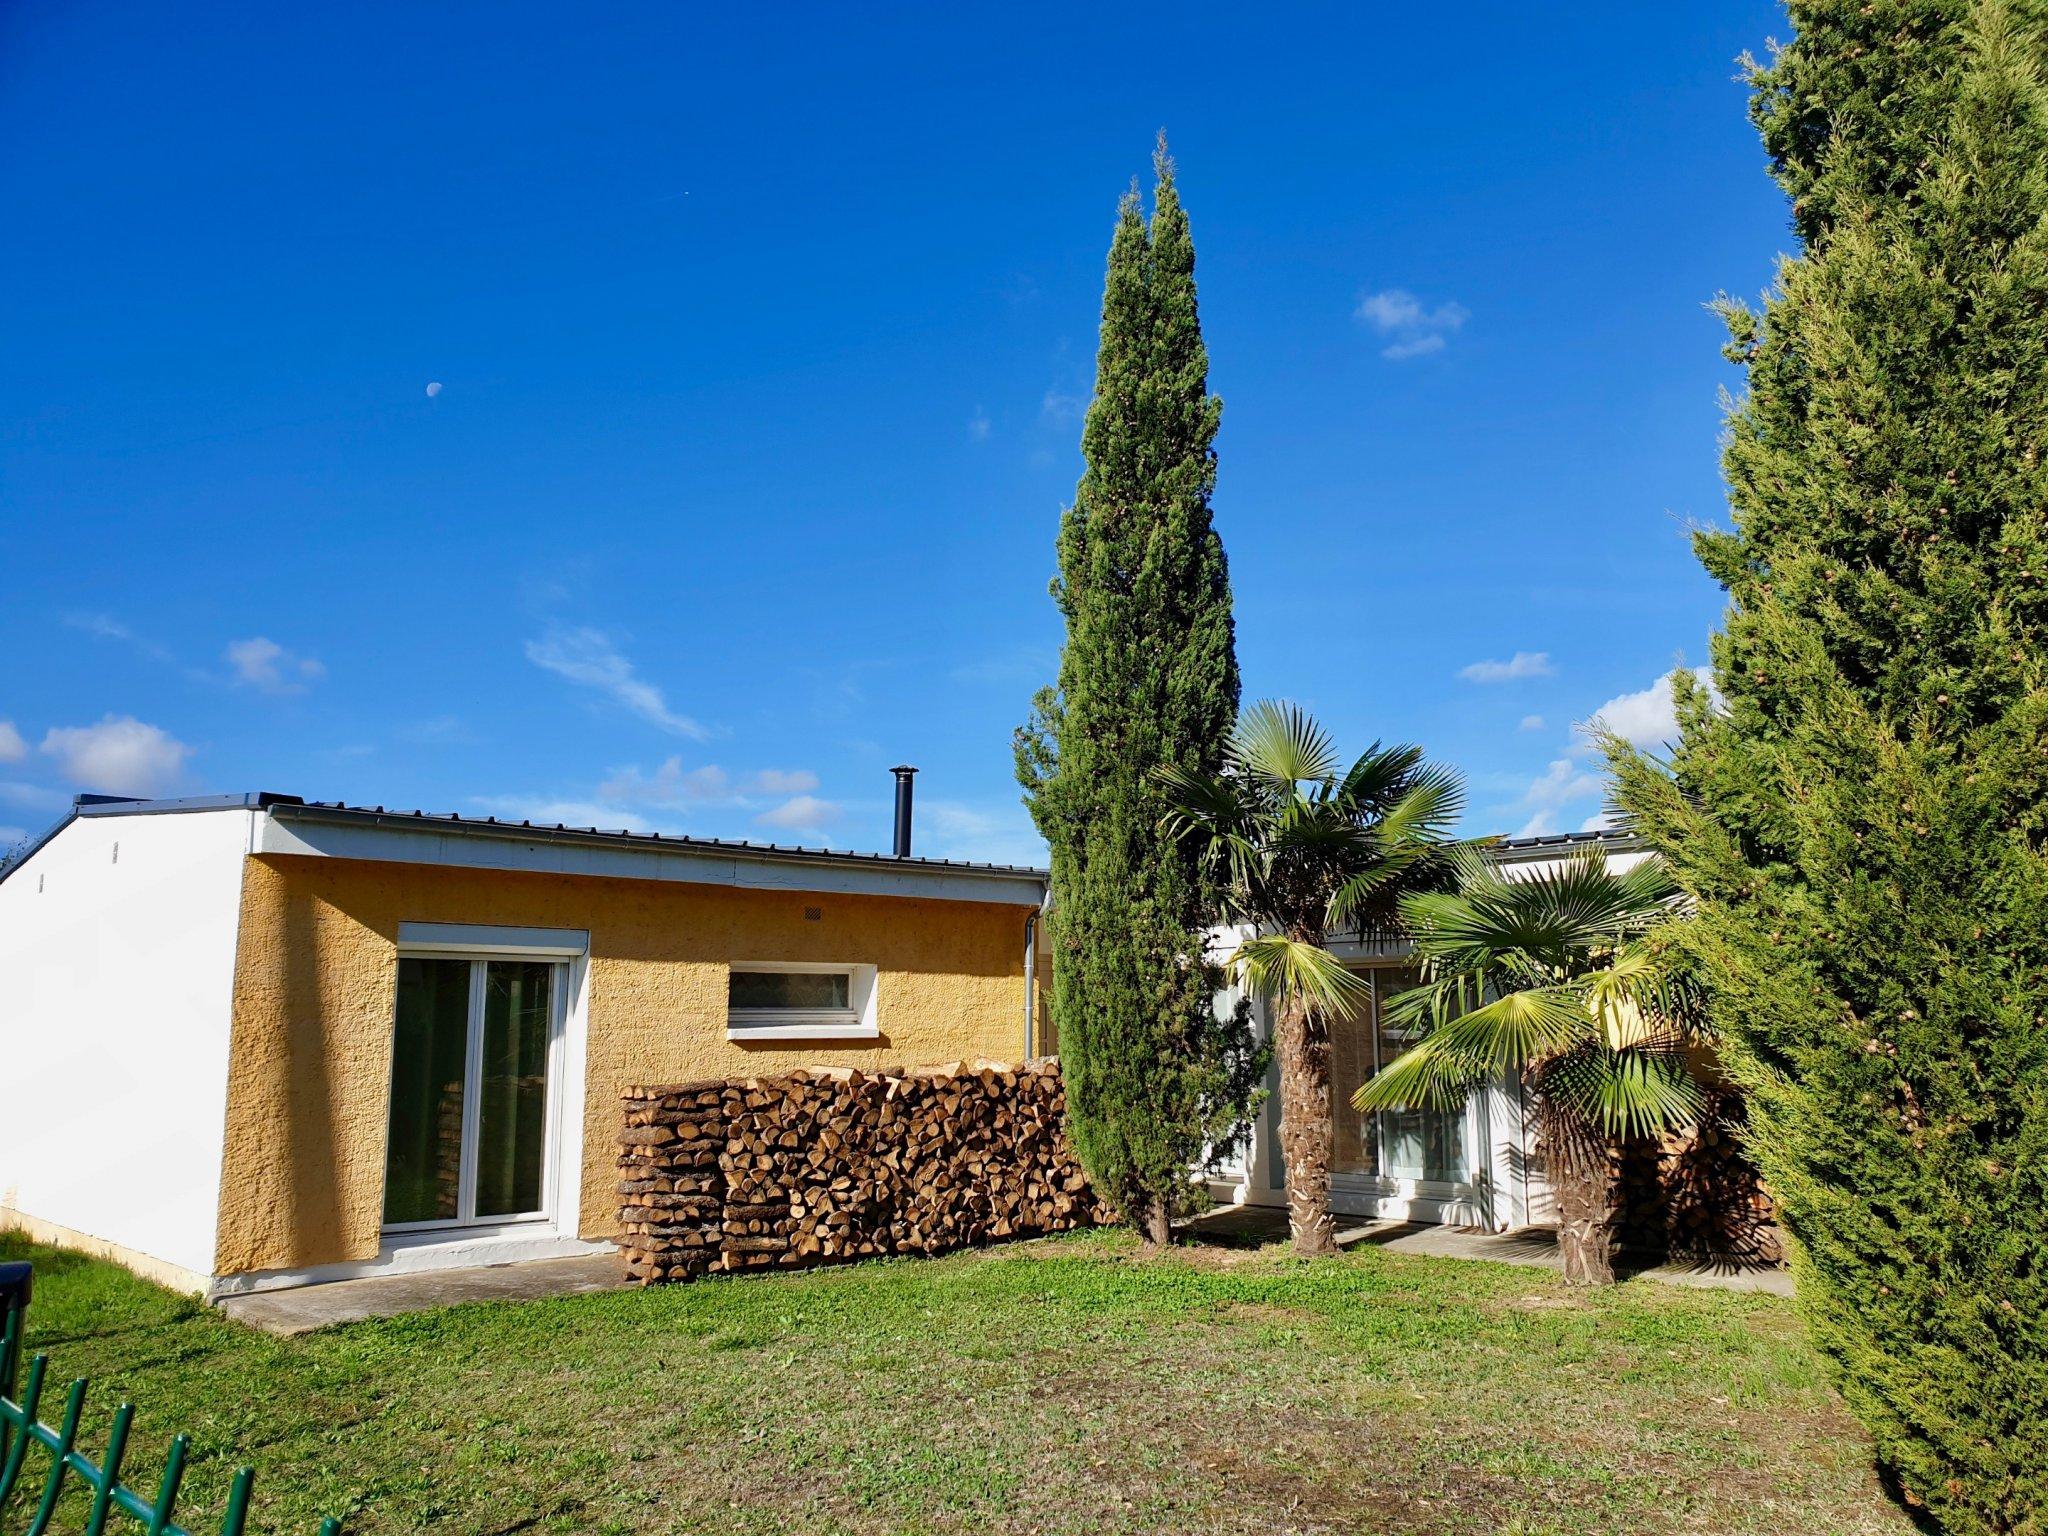 Vente Villa De Plain Pied Avec Piscine A Proximite Des ... destiné Piscine A Proximité